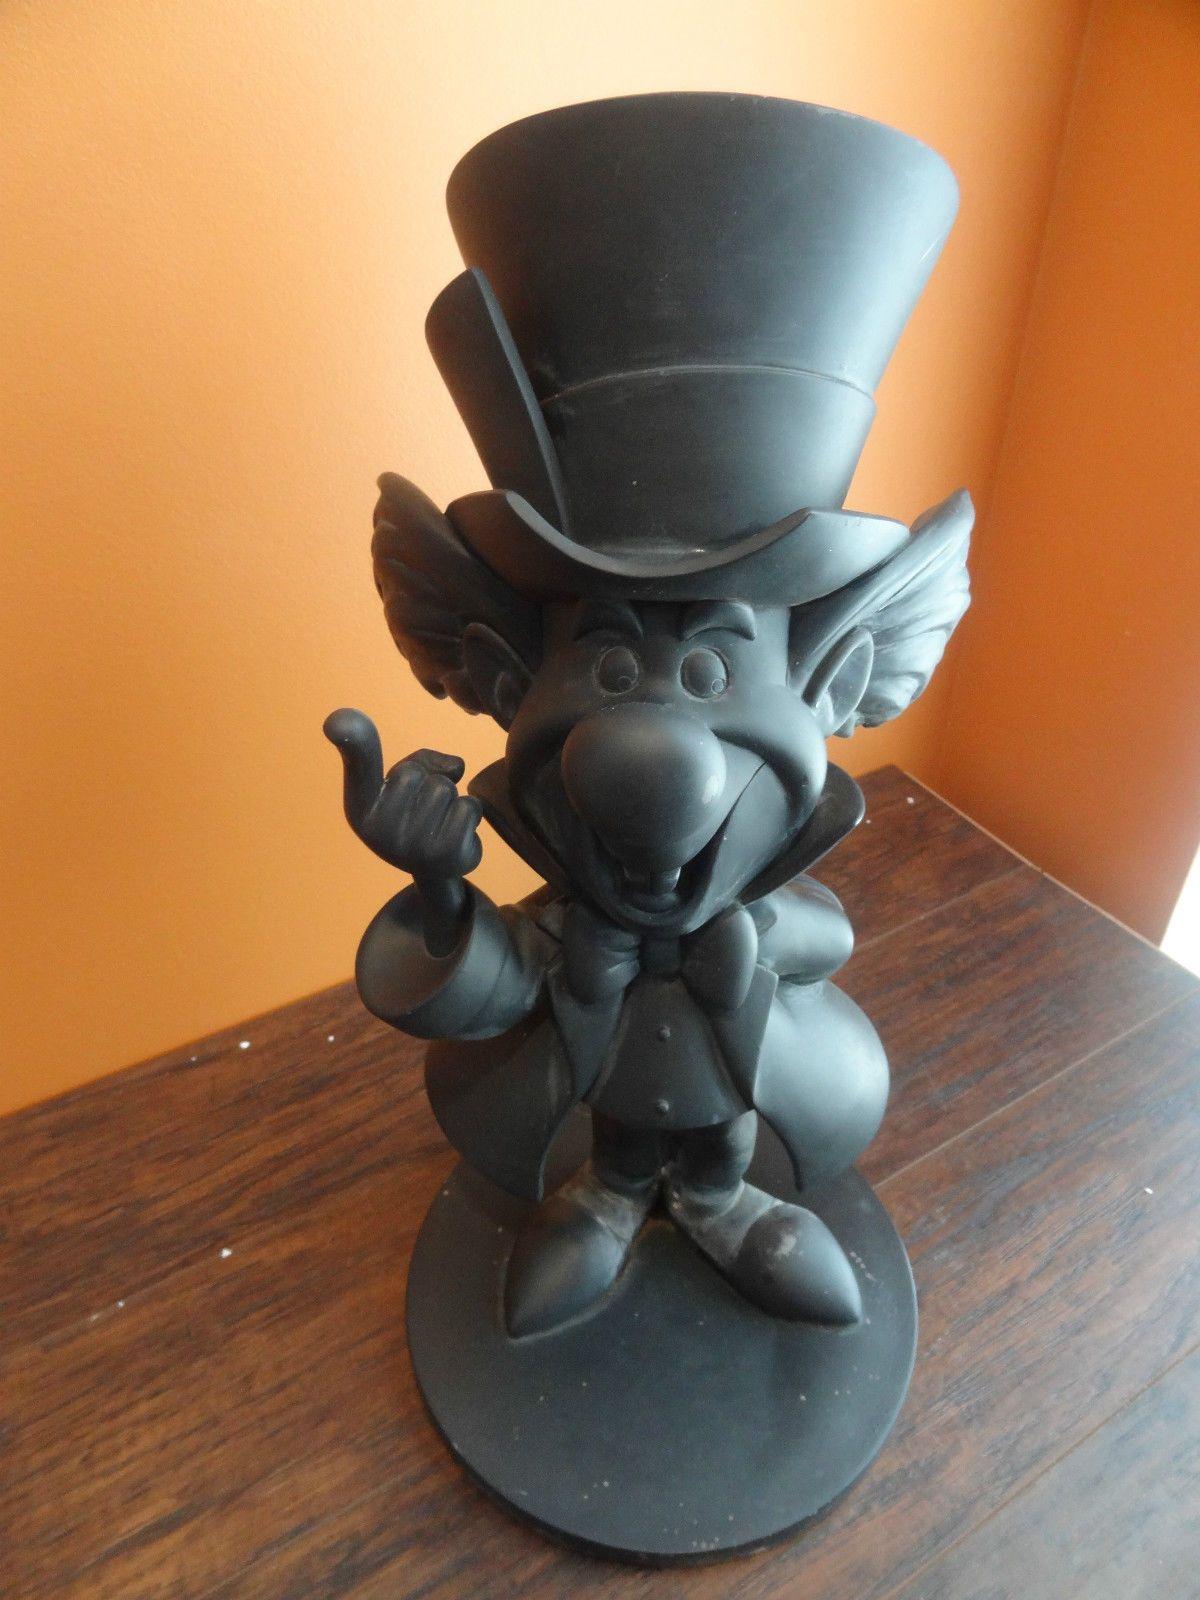 Disney Alice in Wonderland Mad Hatter Garden Lawn Statue 19  Big Fig Figurine is part of Big garden Lawn -